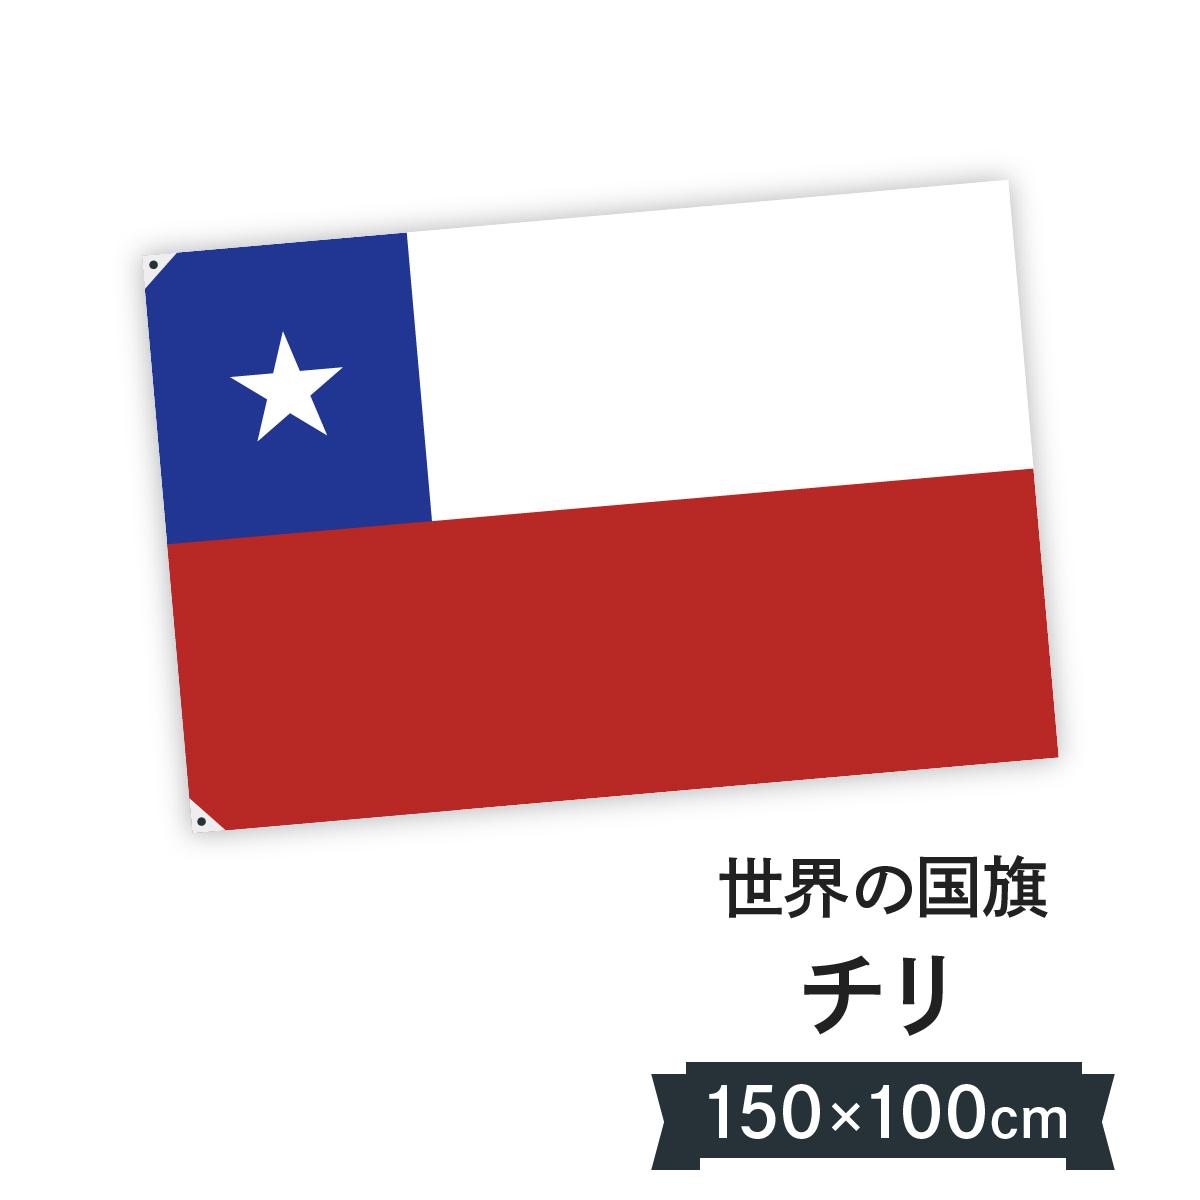 チリ共和国 国旗 W150cm H100cm